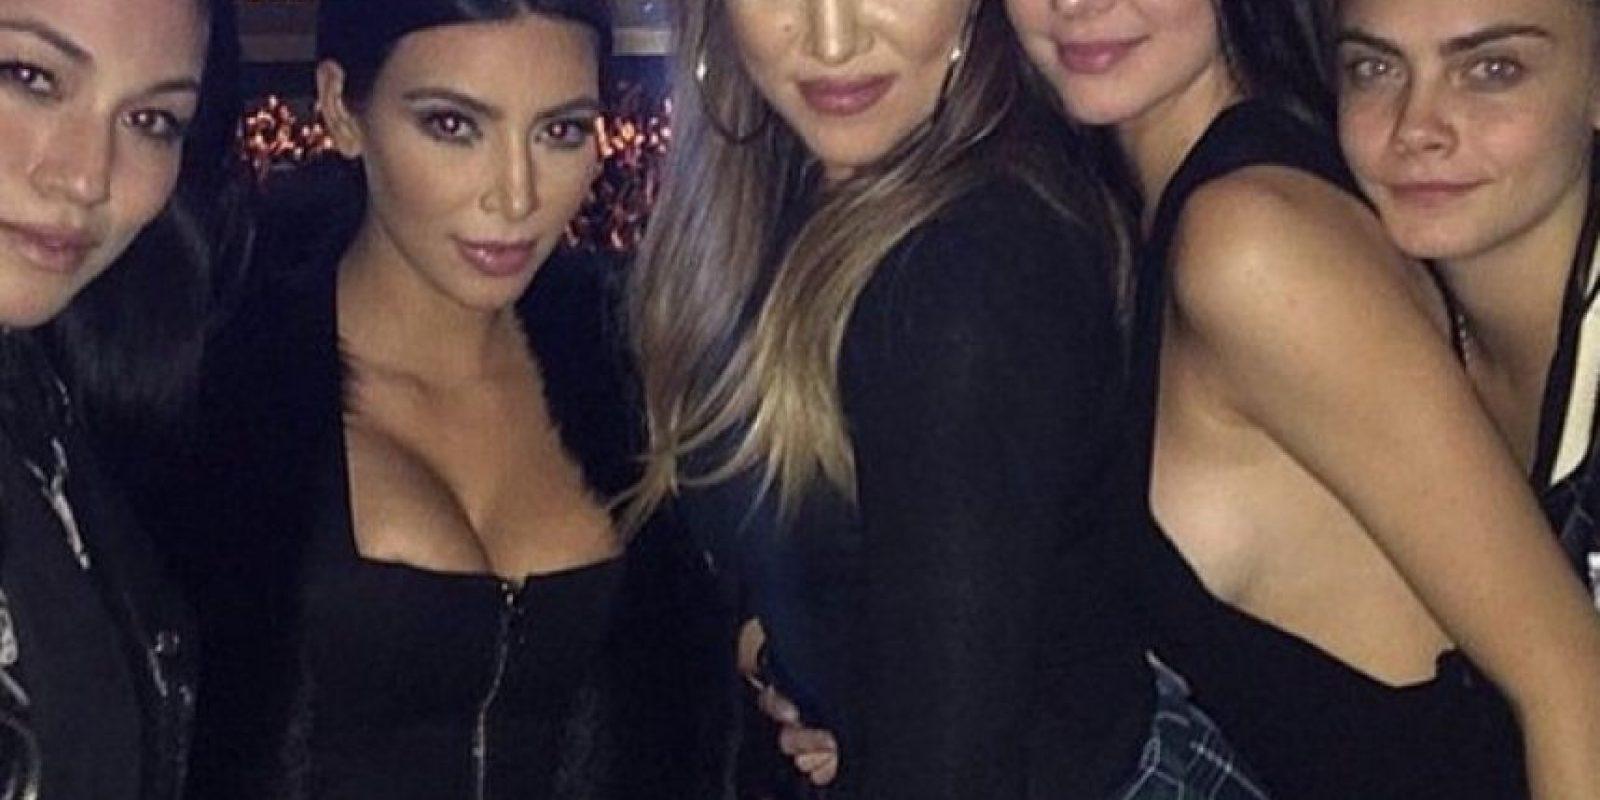 """Las hermanas Kardashian son las """"celebrities"""" más populares de la actualidad. Foto:Vía instagram.com/khloekardashian"""